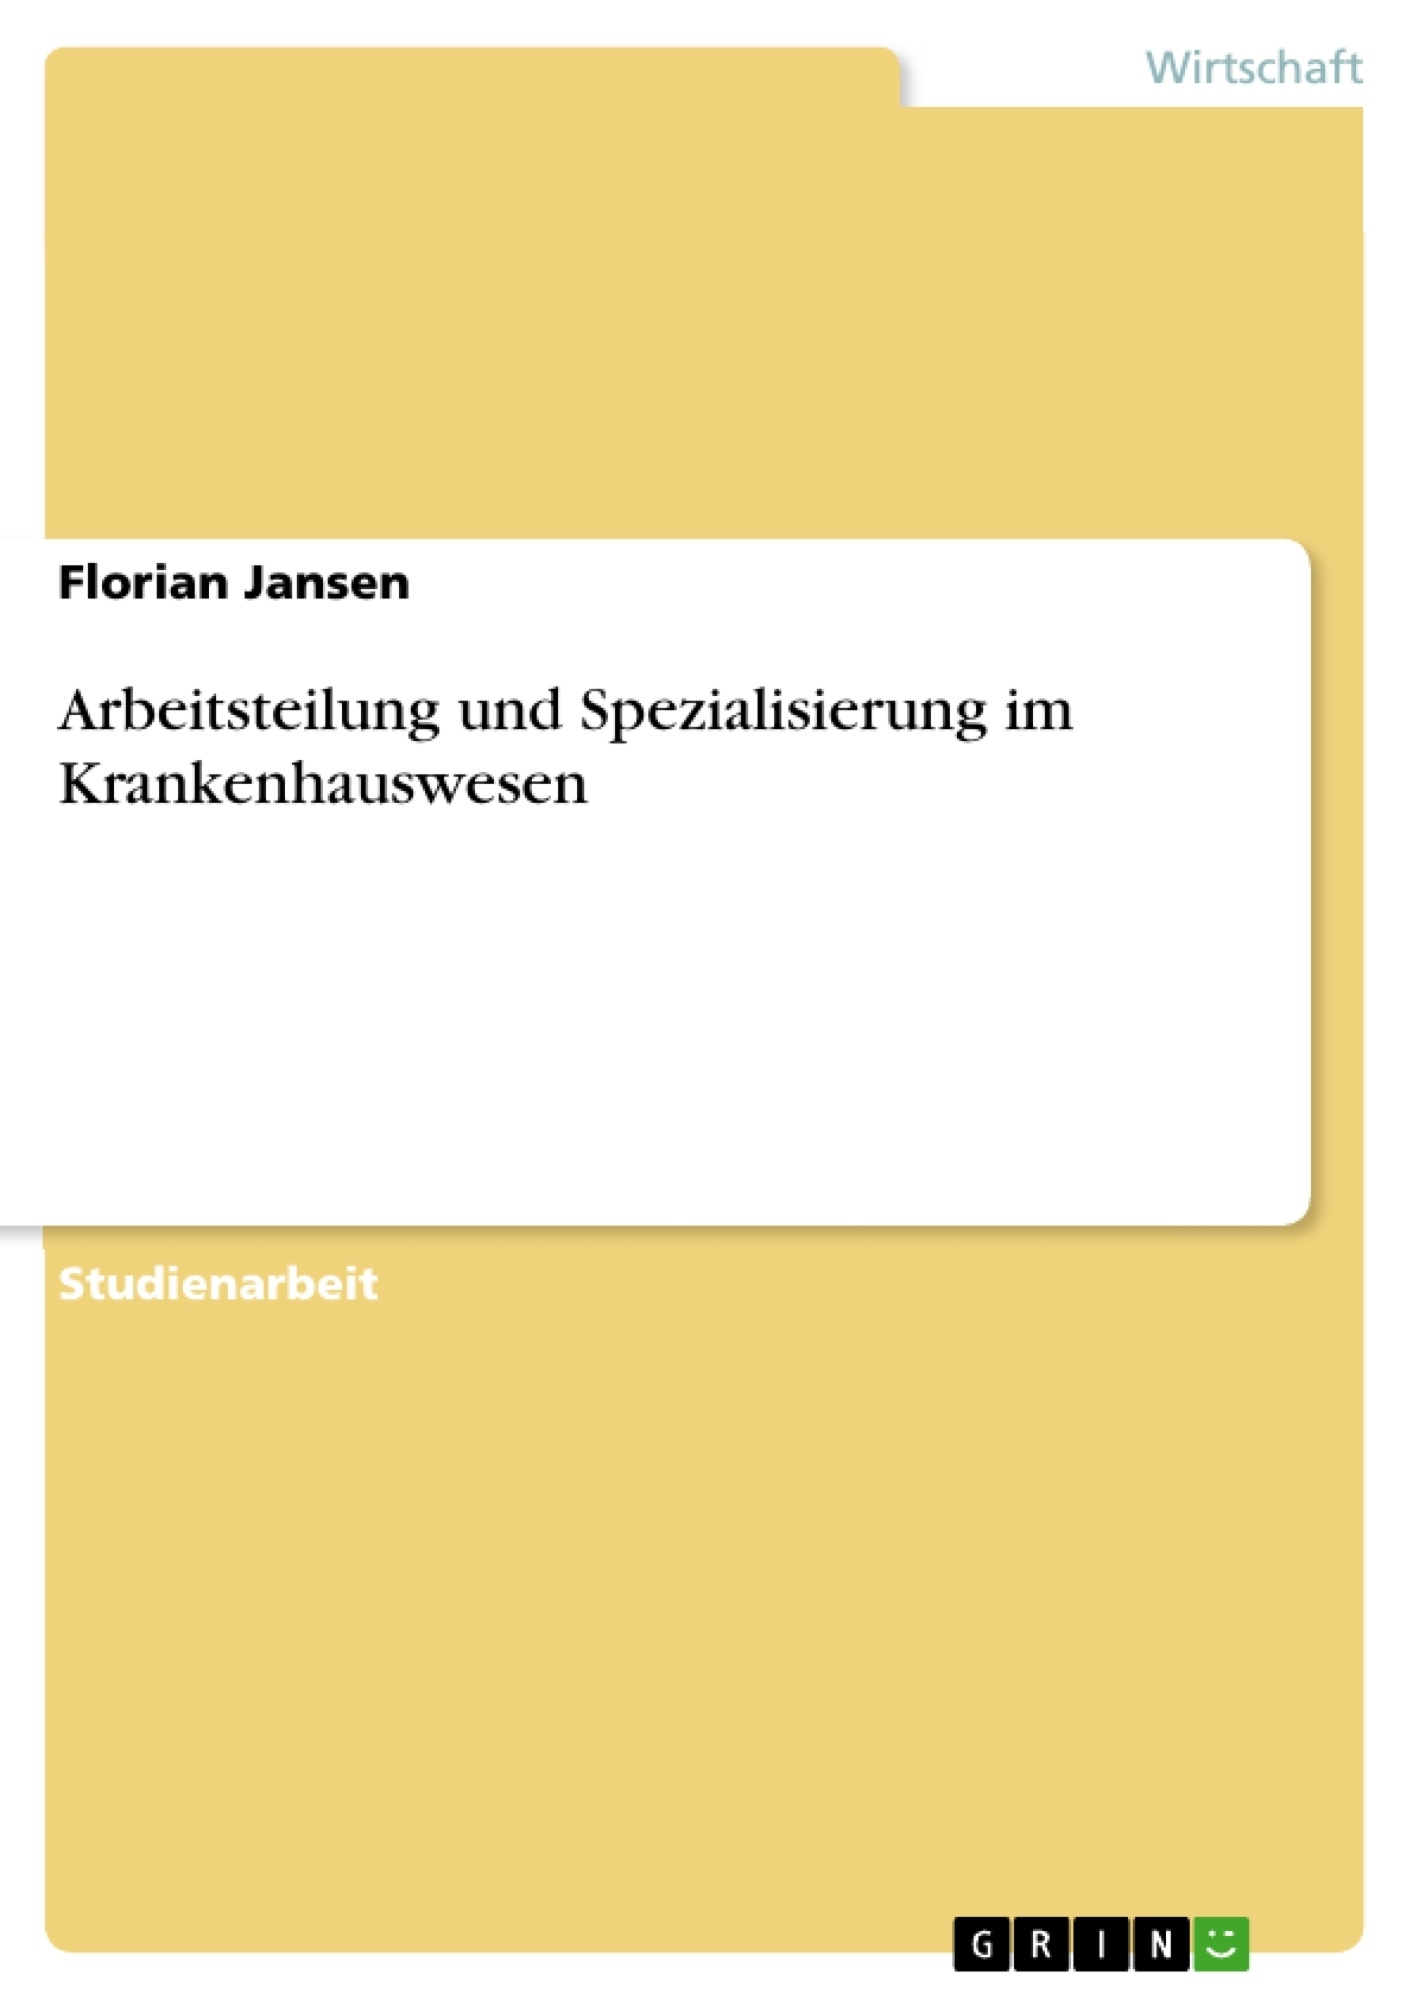 Titel: Arbeitsteilung und Spezialisierung im Krankenhauswesen